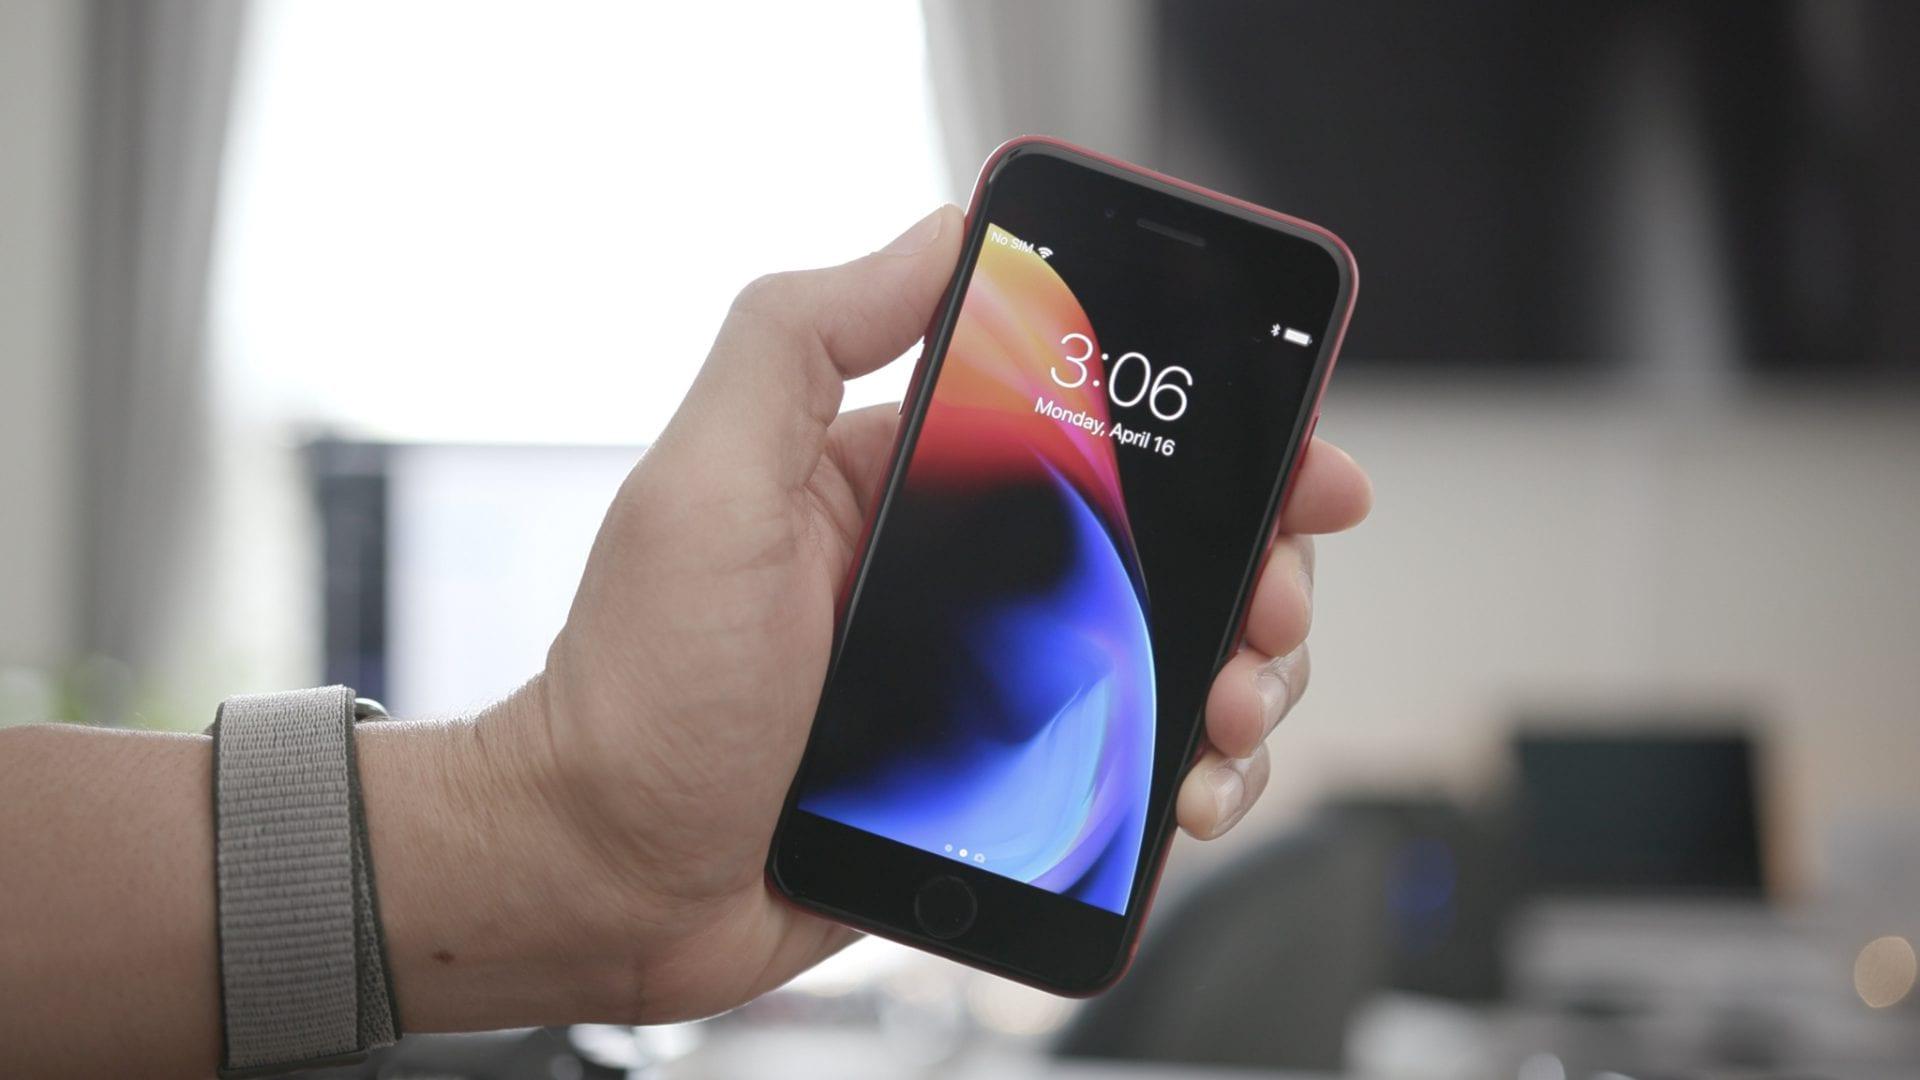 Apple aggiorna il processo di calibrazione dei display sostitutivi su iPhone: si riducono i tempi d'attesa